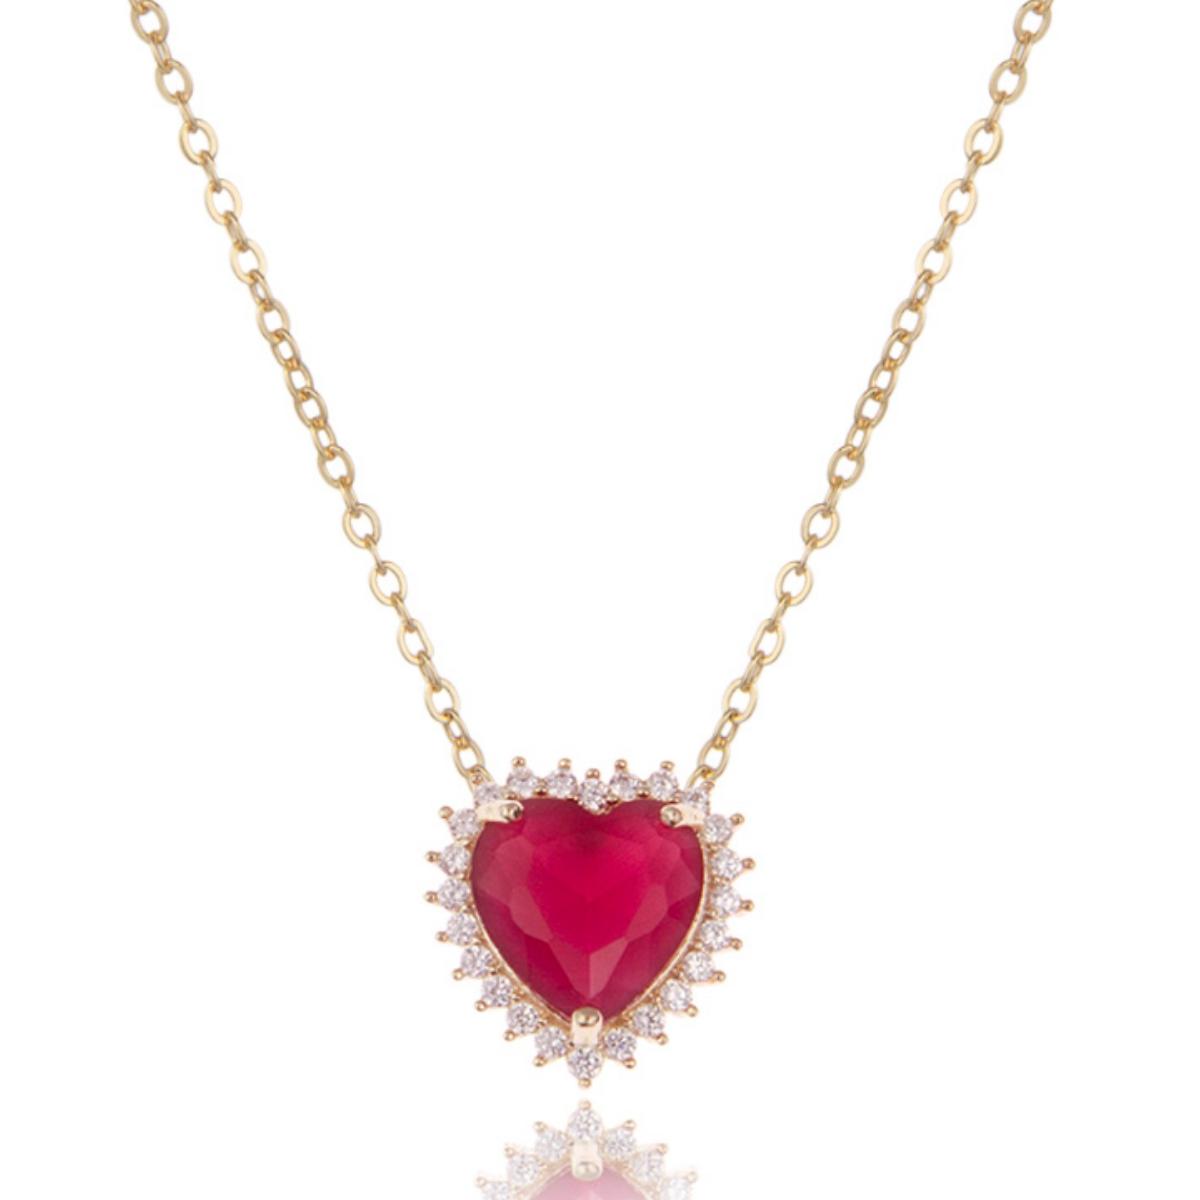 Colar Duplo Coração Luxo de Zircônias Rubi e Branca Semijoia em Ouro 18K  - Soloyou